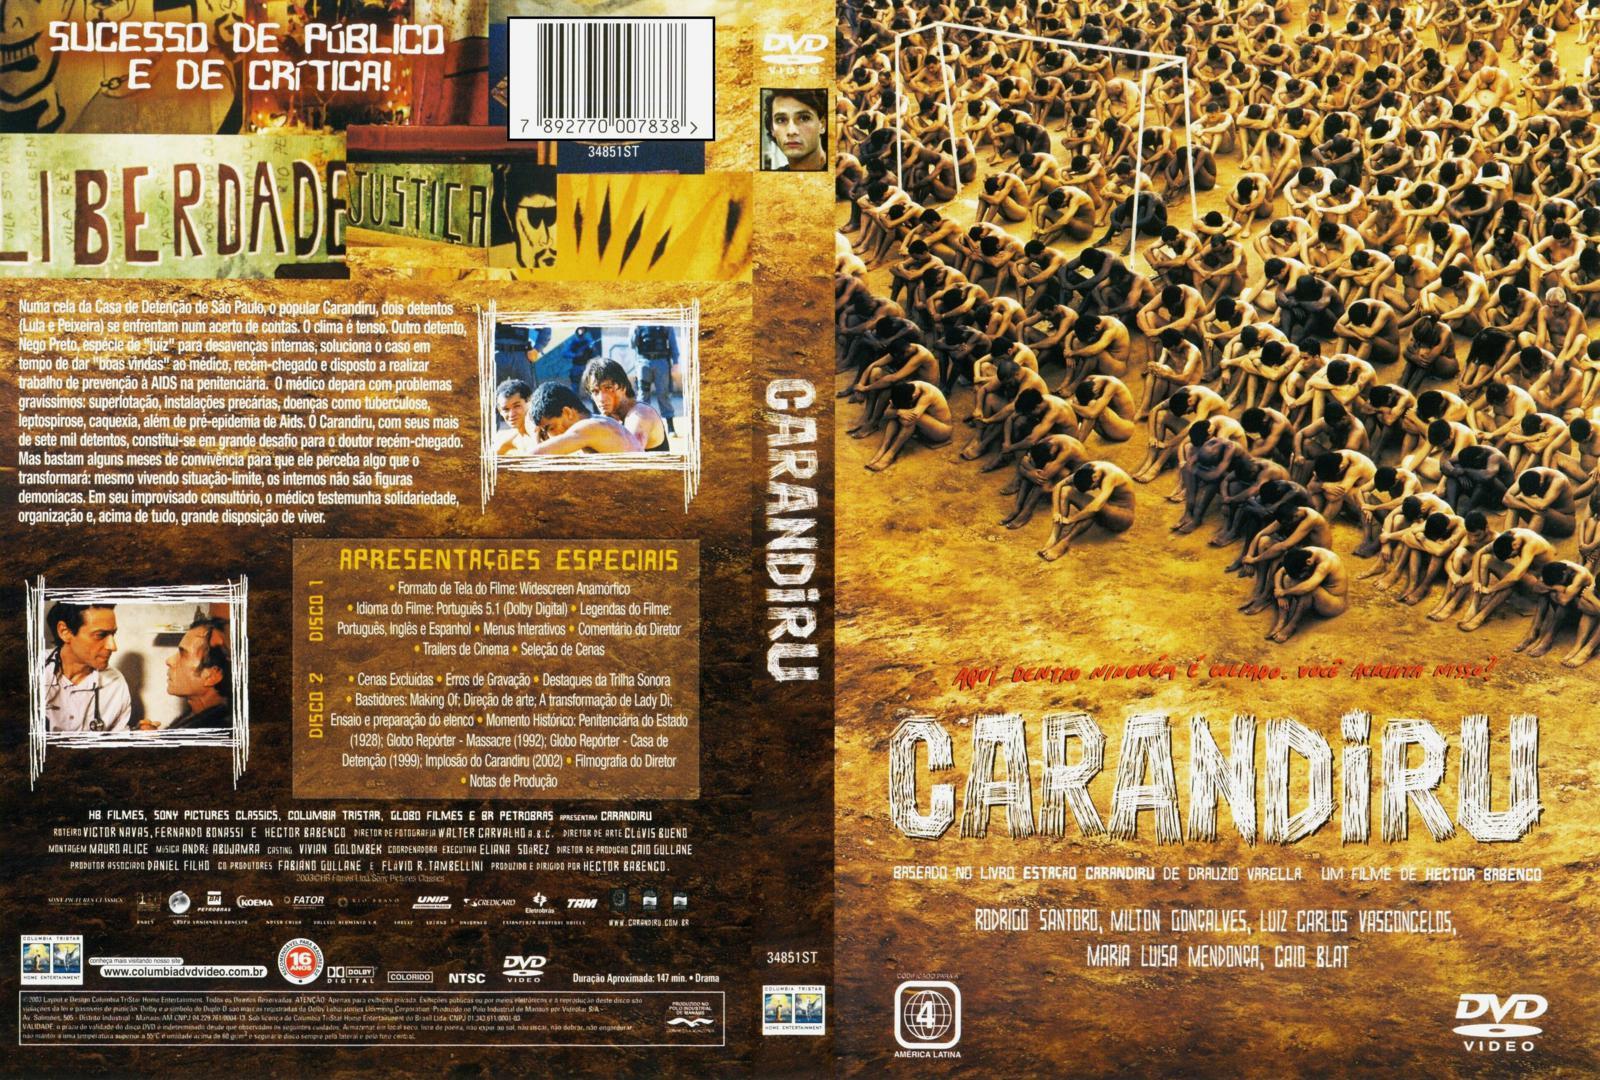 Carandiru DVD Capa